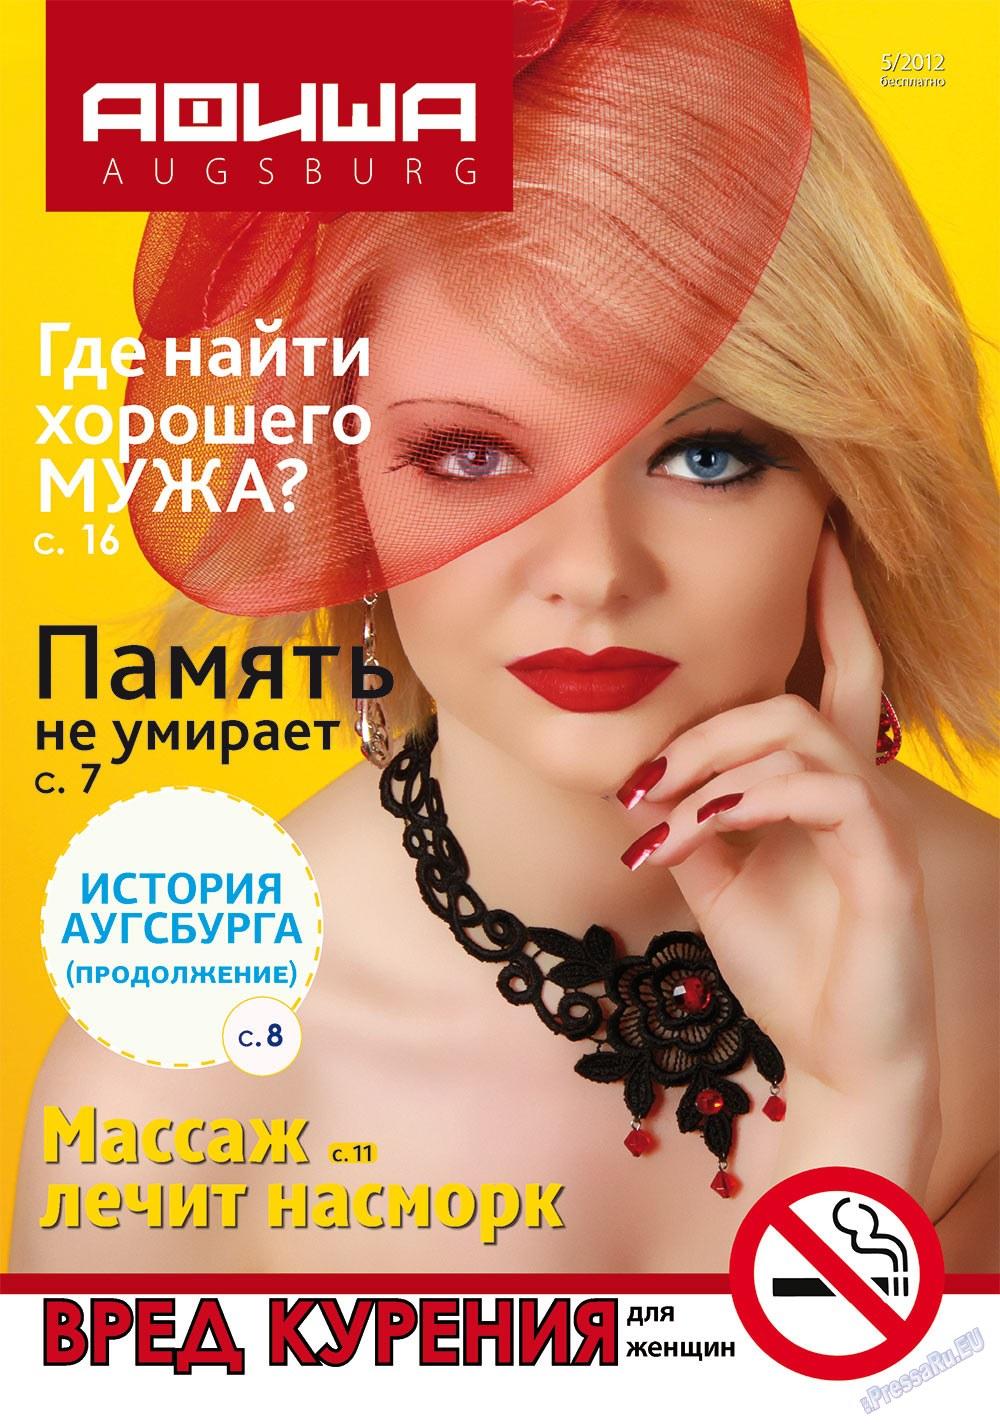 Афиша Augsburg (журнал). 2012 год, номер 5, стр. 1